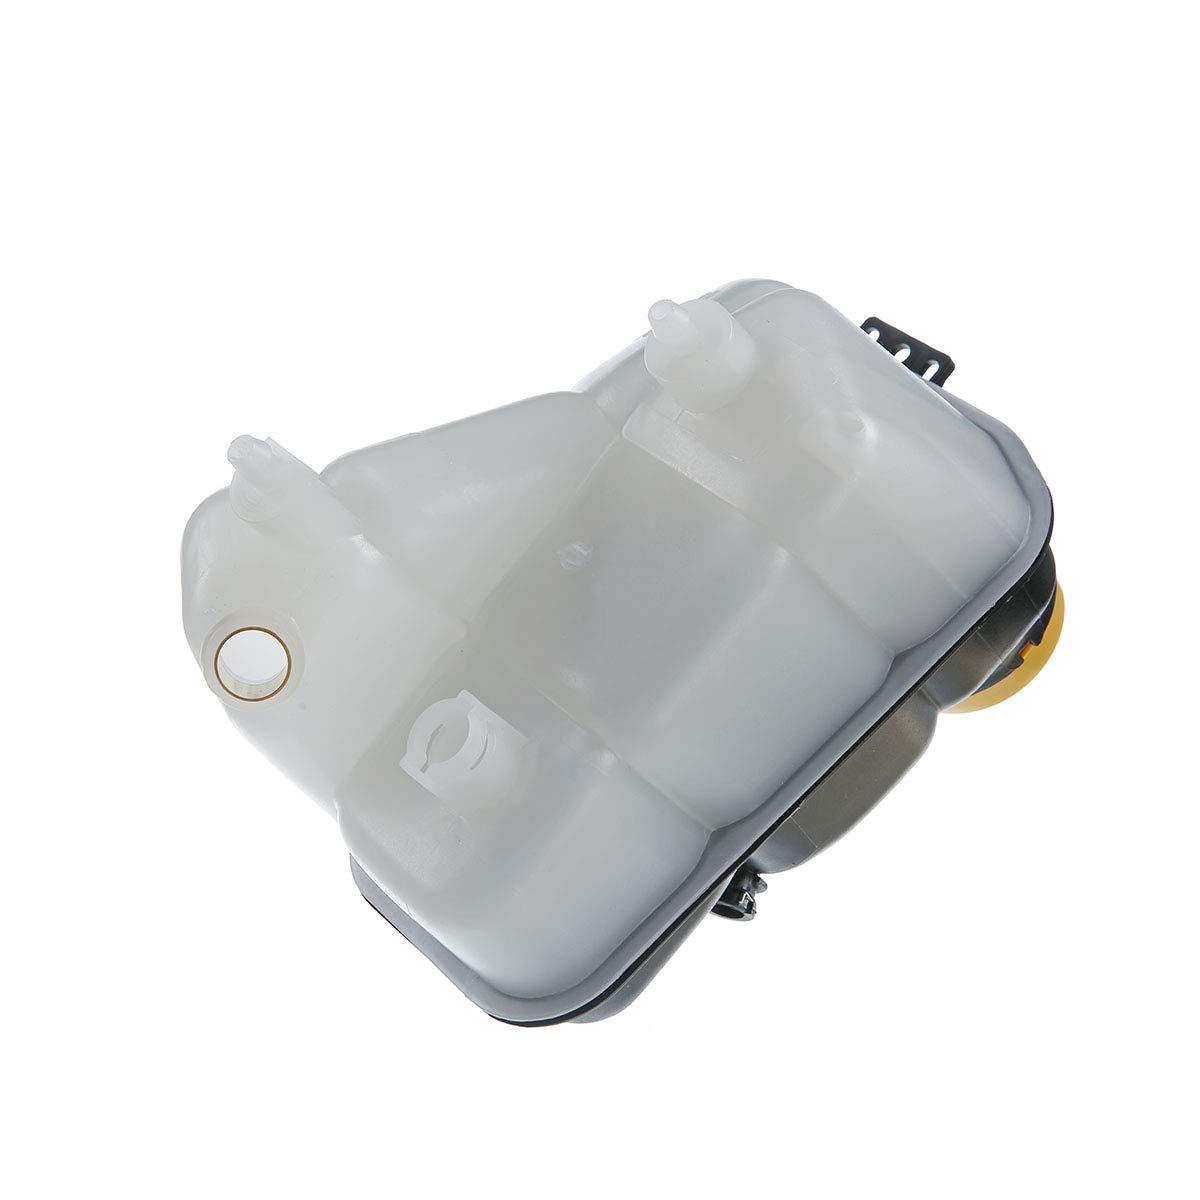 Coolant Reservoir Expansion Recovery Tank for Mercedes-Benz W211 S211 W219 E320 E350 E500 E550 CLS550 E55 E63 AMG